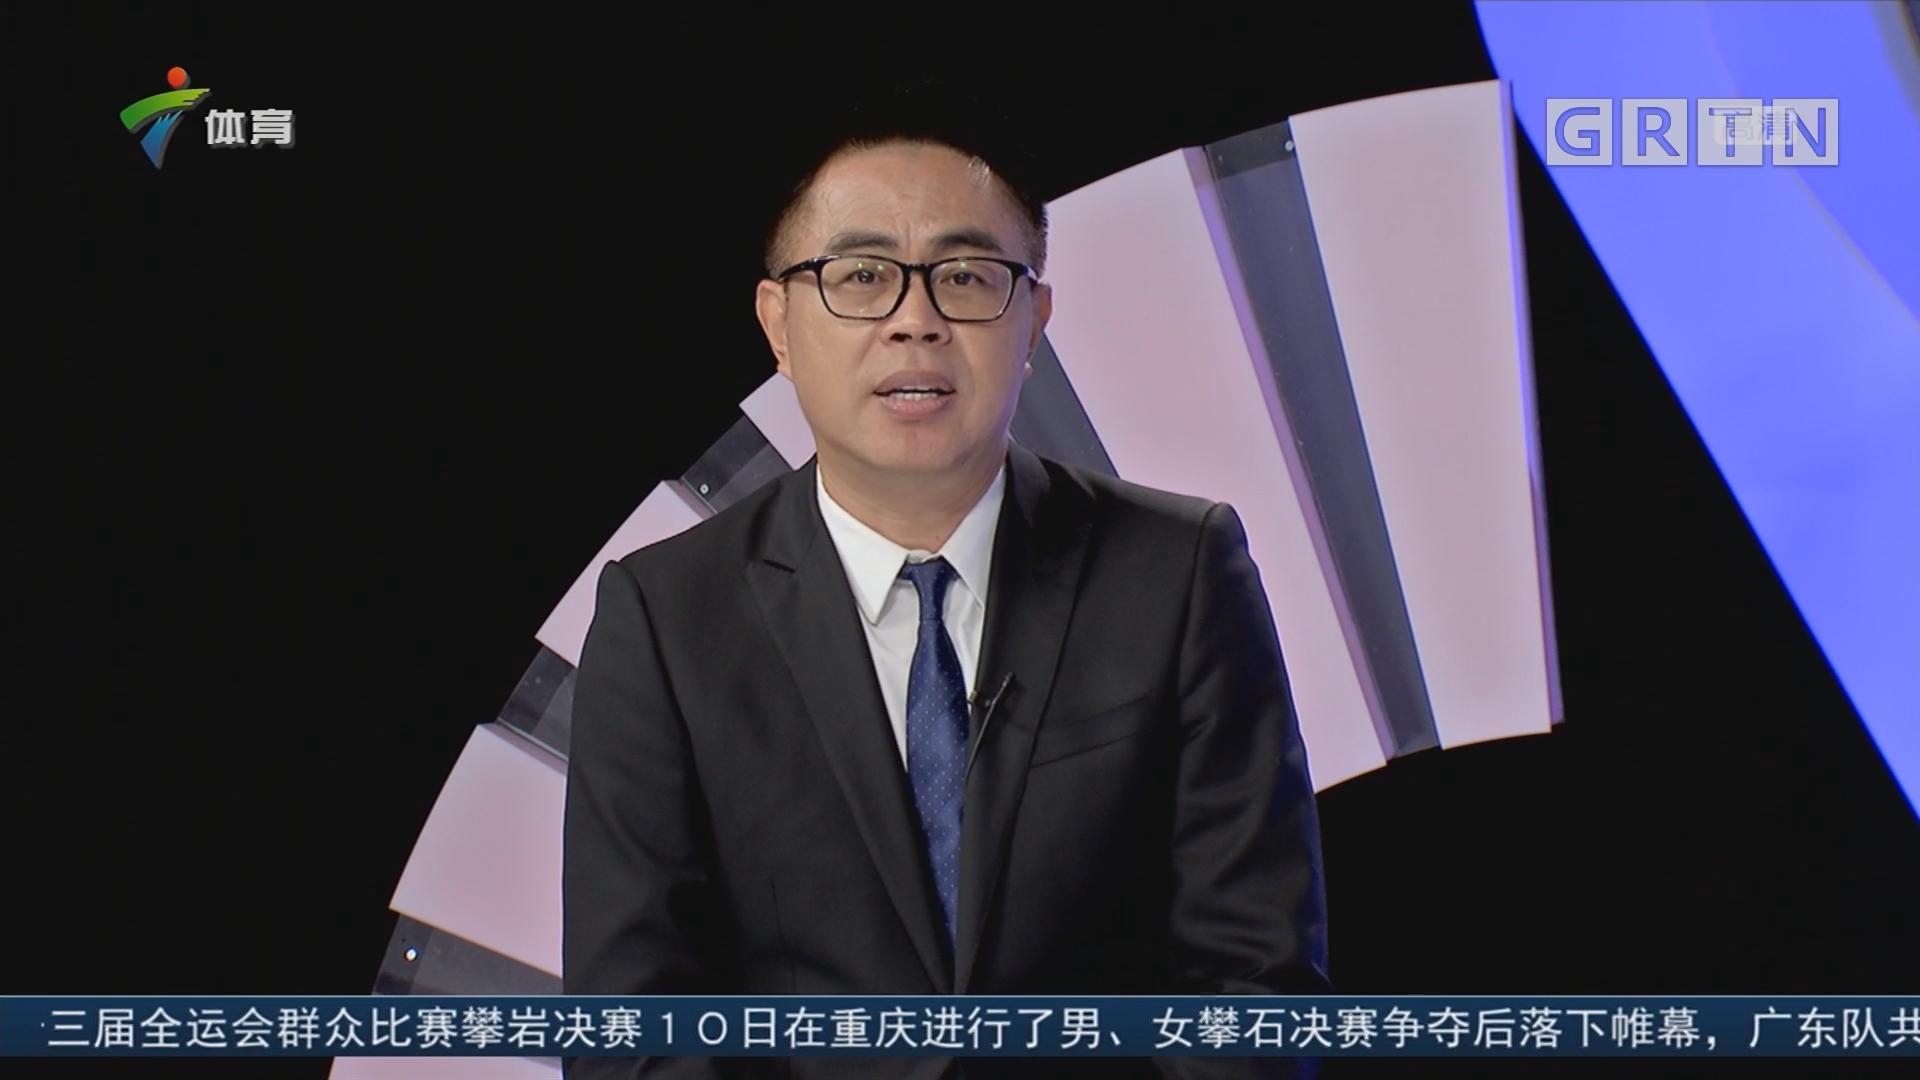 广州富力一扫颓势